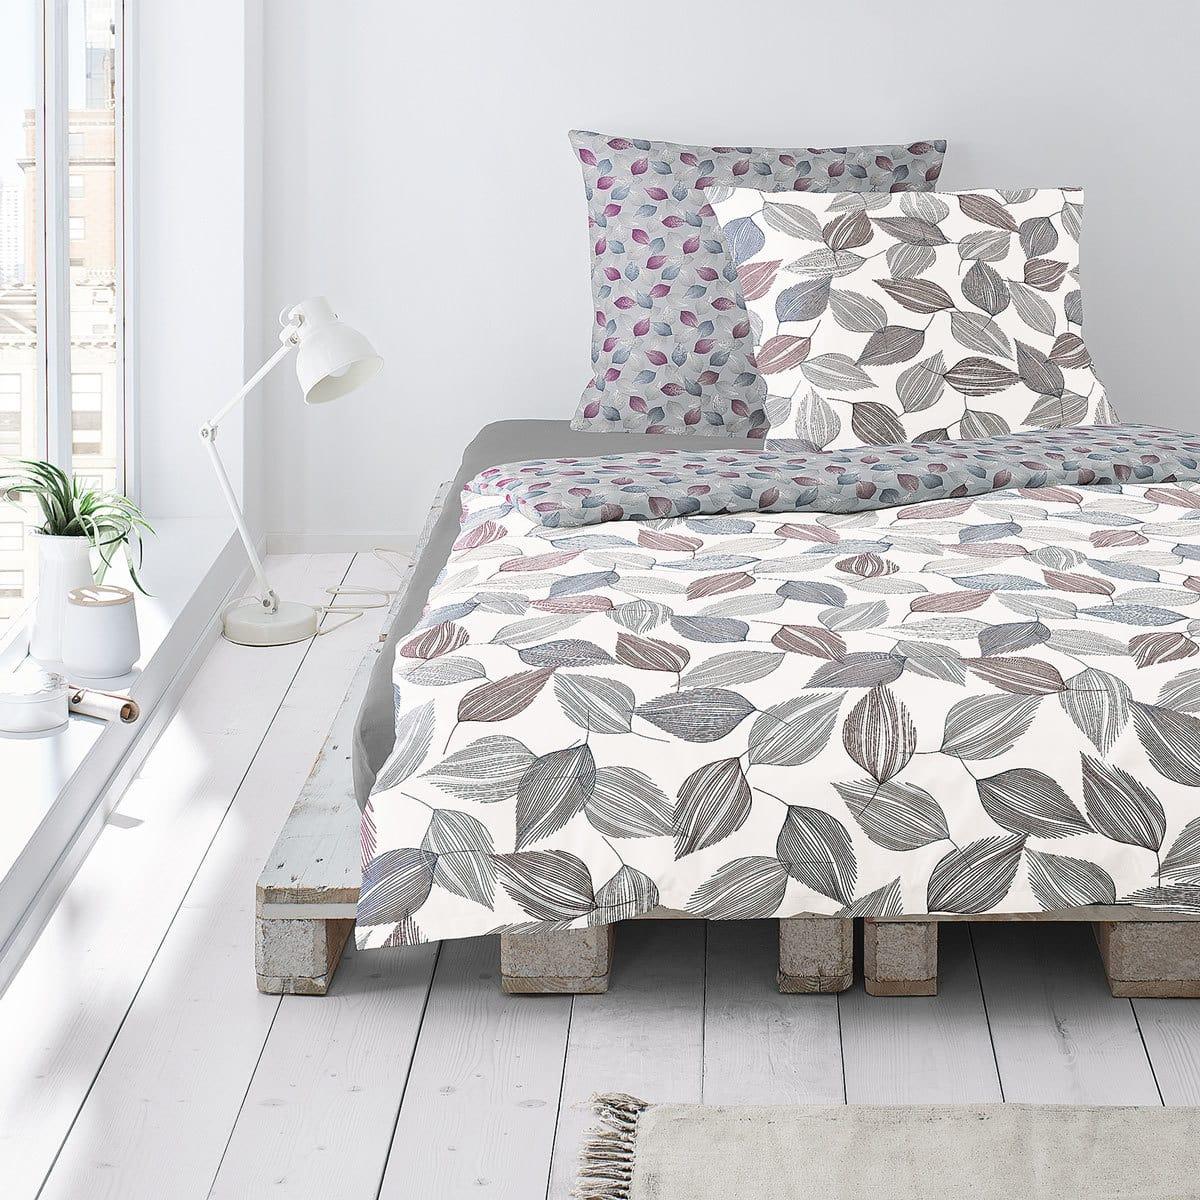 irisette mako satin bettw sche sol k 8037 70 g nstig online kaufen bei bettwaren shop. Black Bedroom Furniture Sets. Home Design Ideas